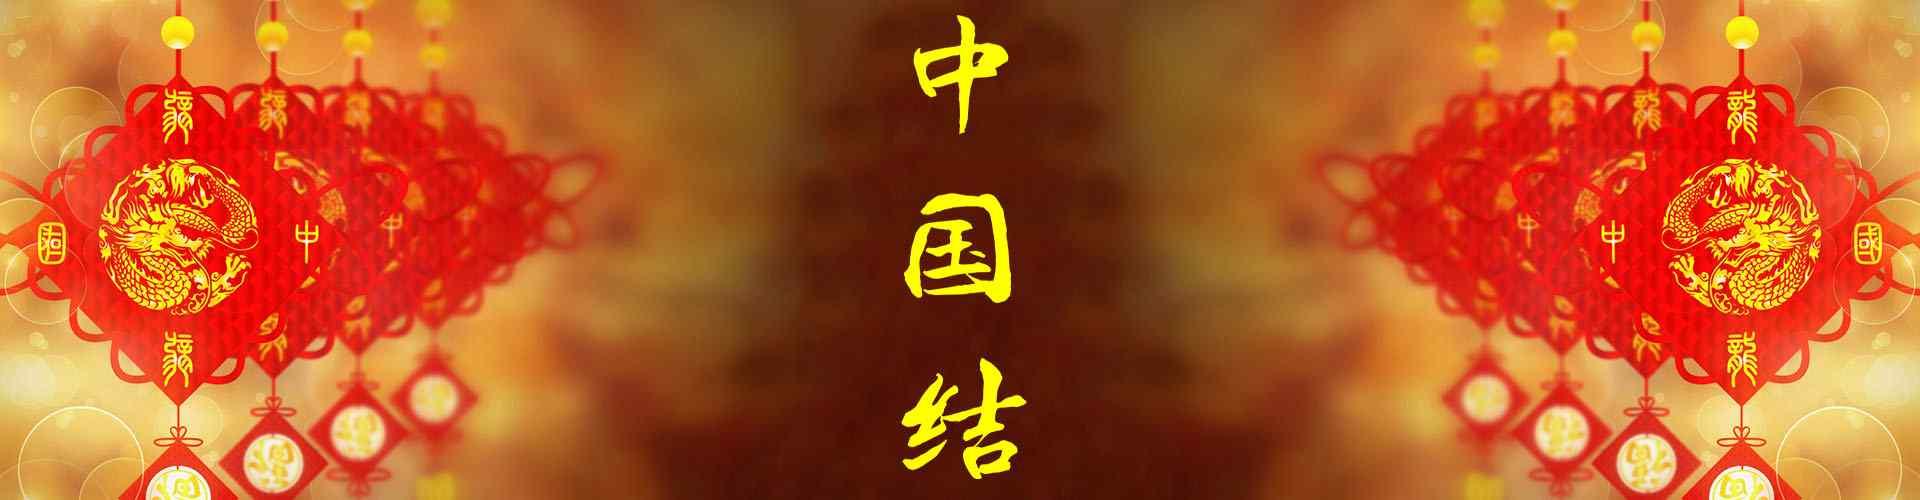 中国结_中国结图片_中国结手机壁纸_中国结图片大全_节日图片大全